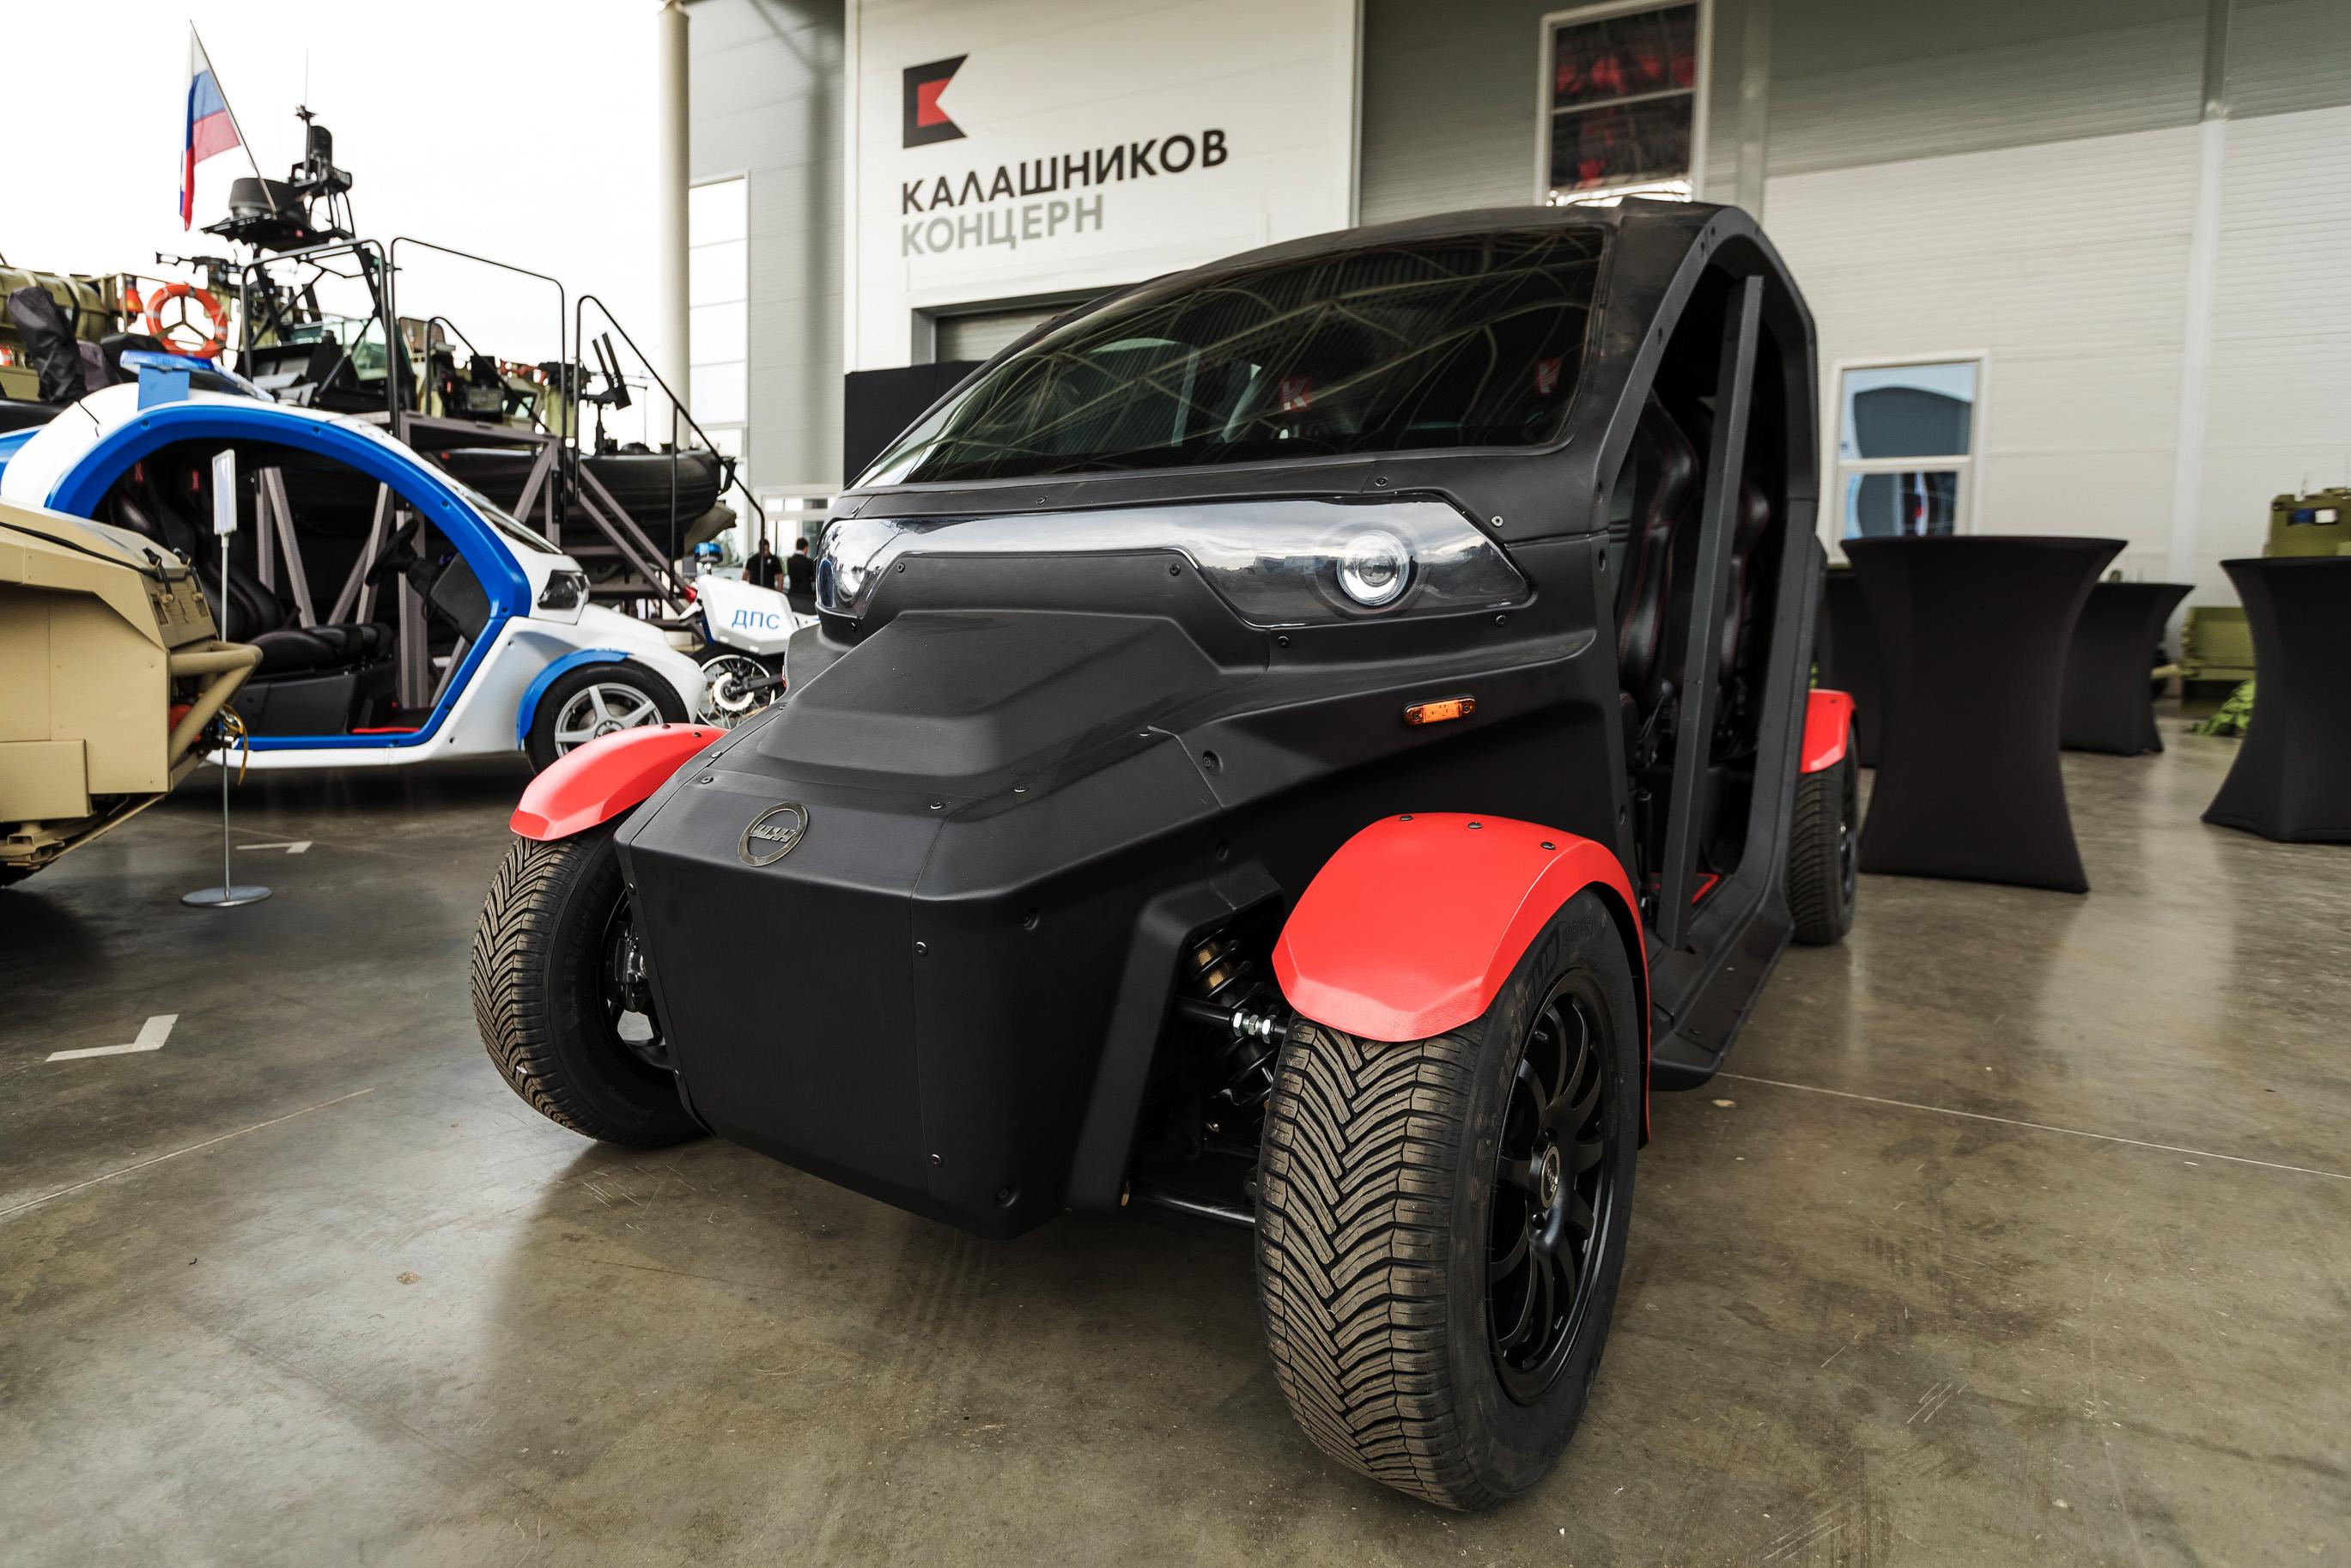 """Retrokombi: Kalaschnikow will elektrisches """"Superauto"""" bauen - Nicht nur Retrolook: Auch dieses Elektroauto stellte Kalaschnikow auf der Messe vor. (Foto: Kalaschnikow Media)"""